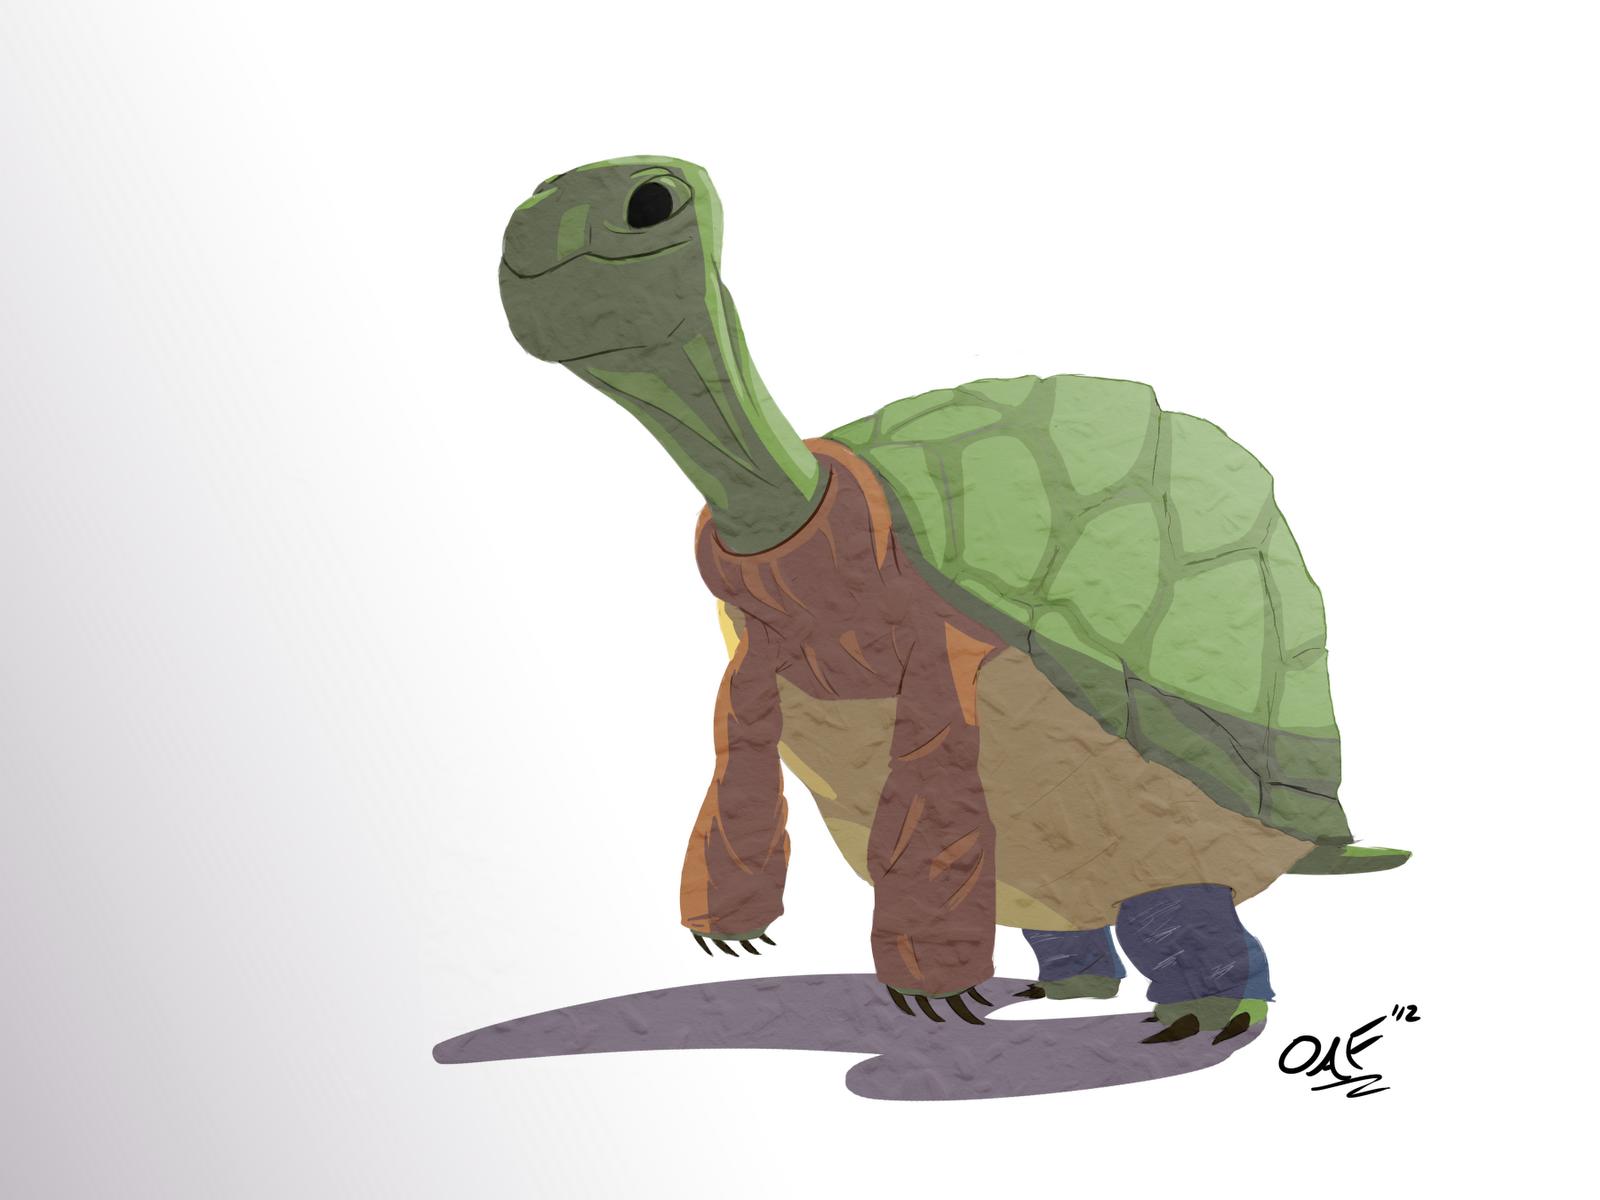 Turtles Wearing Turtlenecks